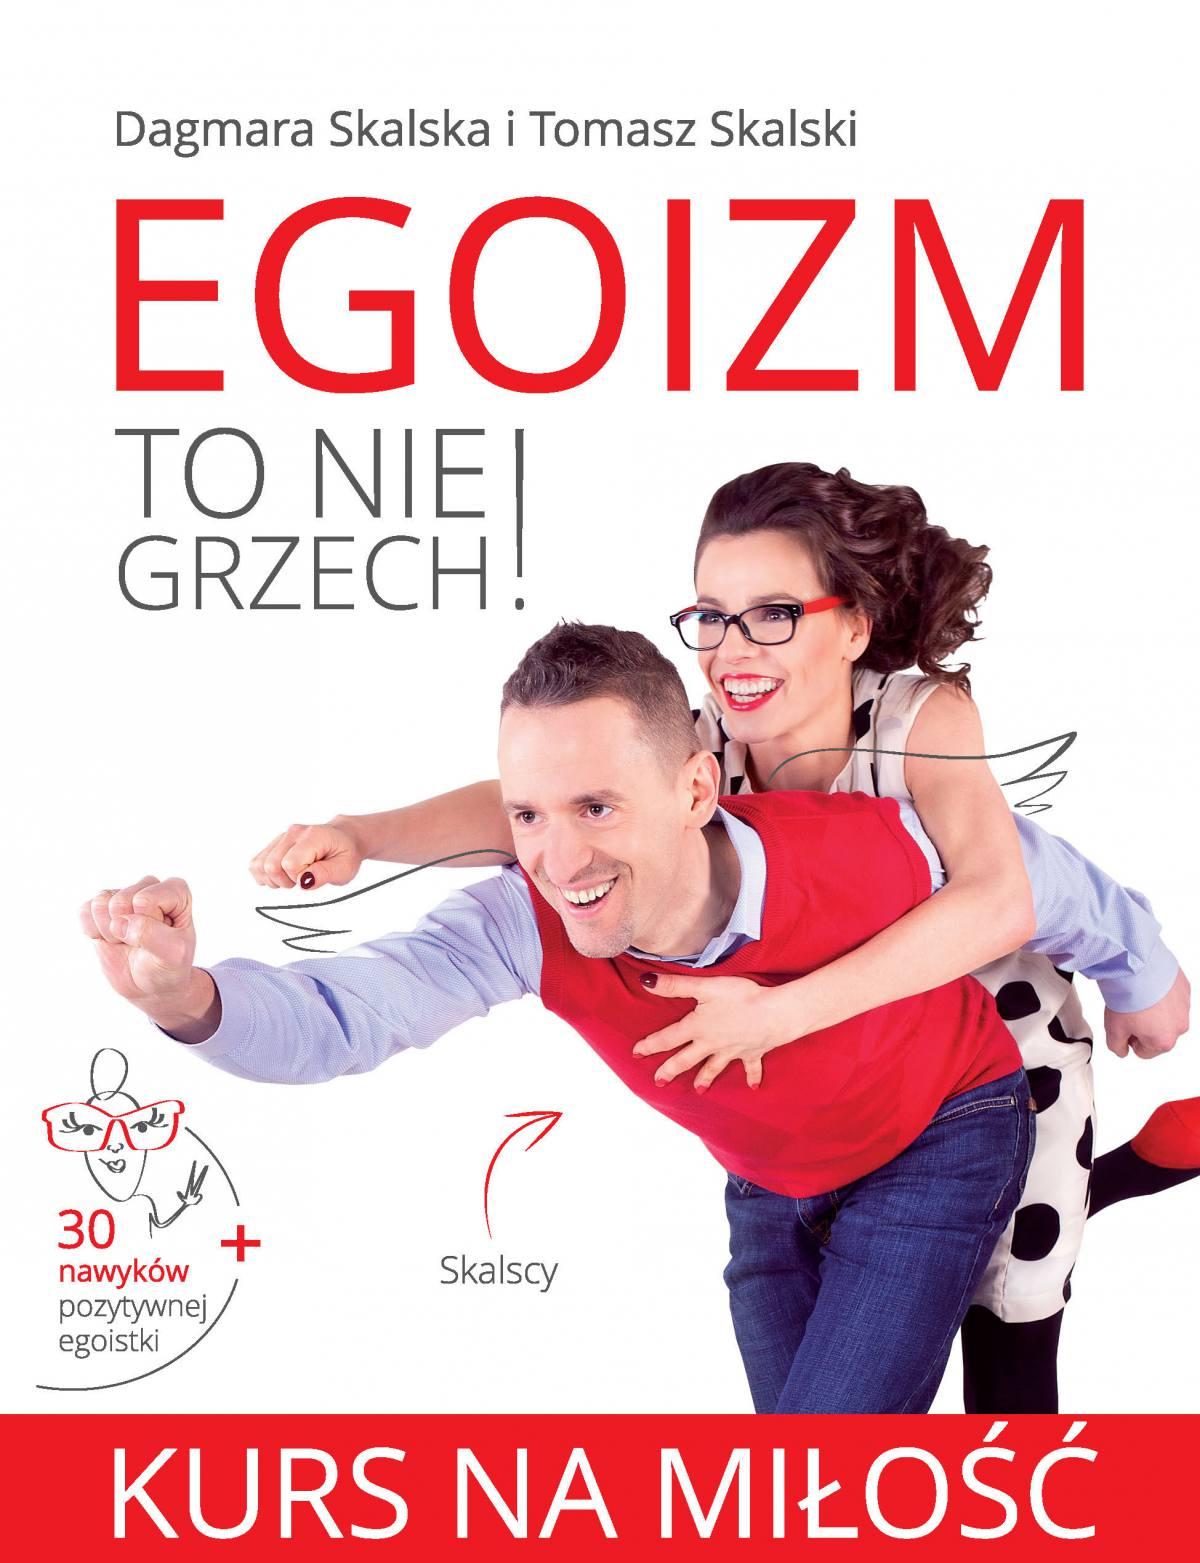 Egoizm to nie grzech! Kurs na miłość - Ebook (Książka EPUB) do pobrania w formacie EPUB